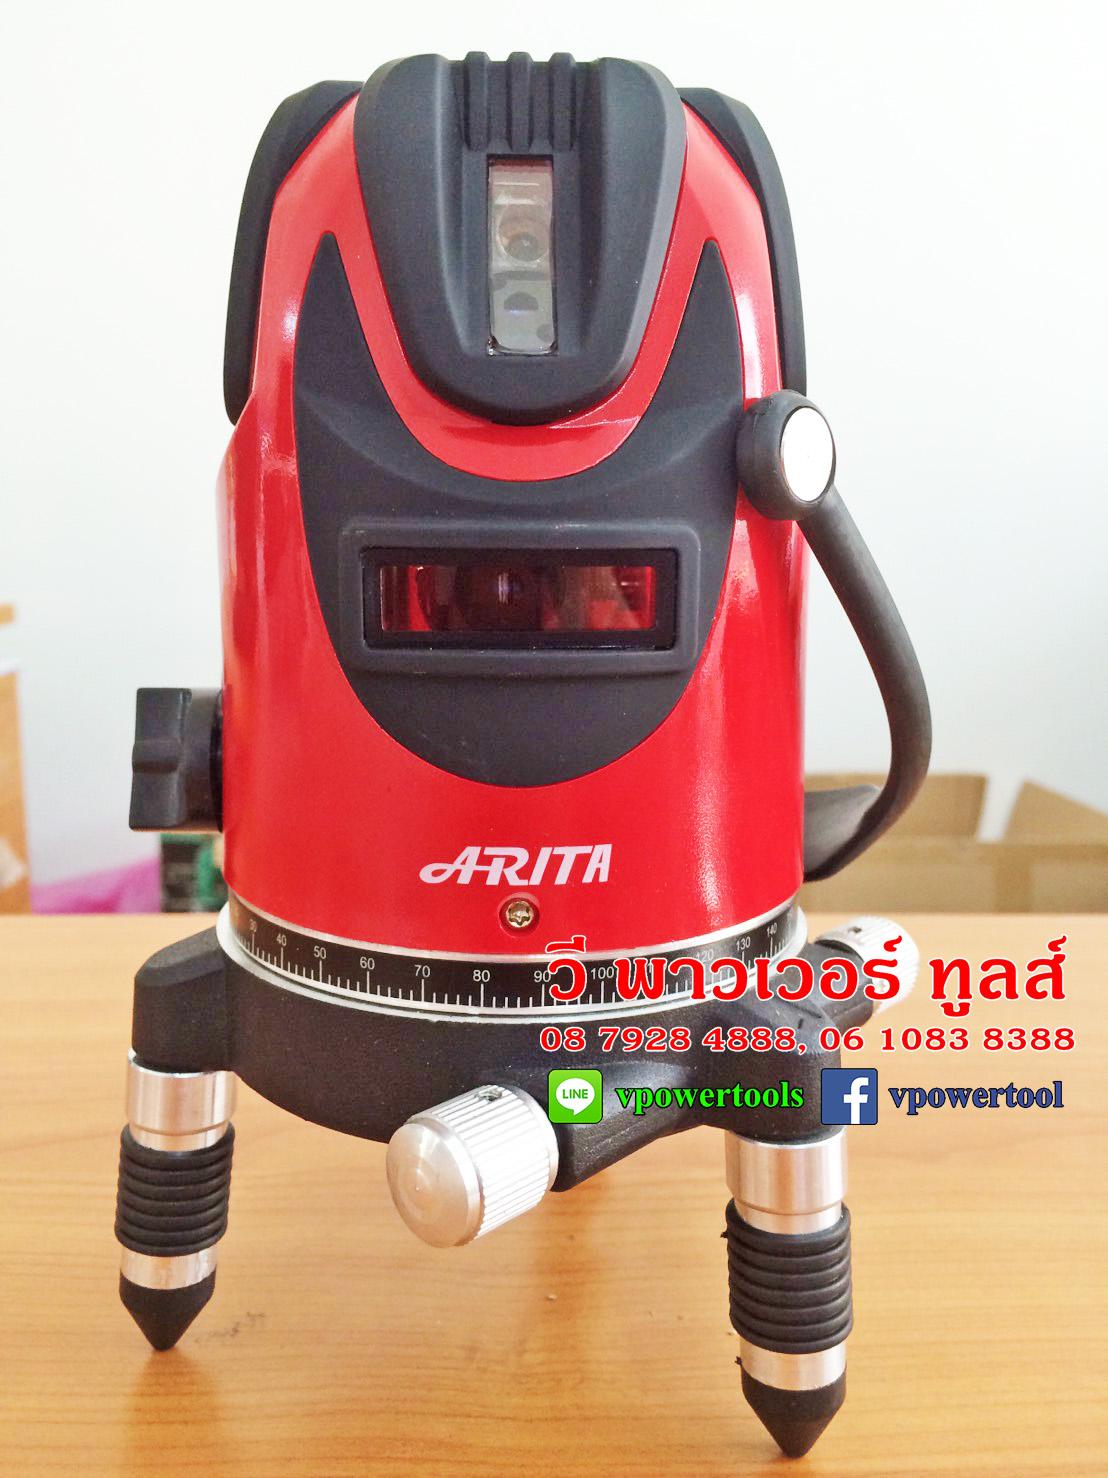 ARITA เครื่องวัดระดับเลเซอร์ 5เส้น ลำแสงสีแดง RG-V5 (4แนวตั้ง + 1แนวนอน) พร้อมขาตั้ง (แสงเข้มกว่า)